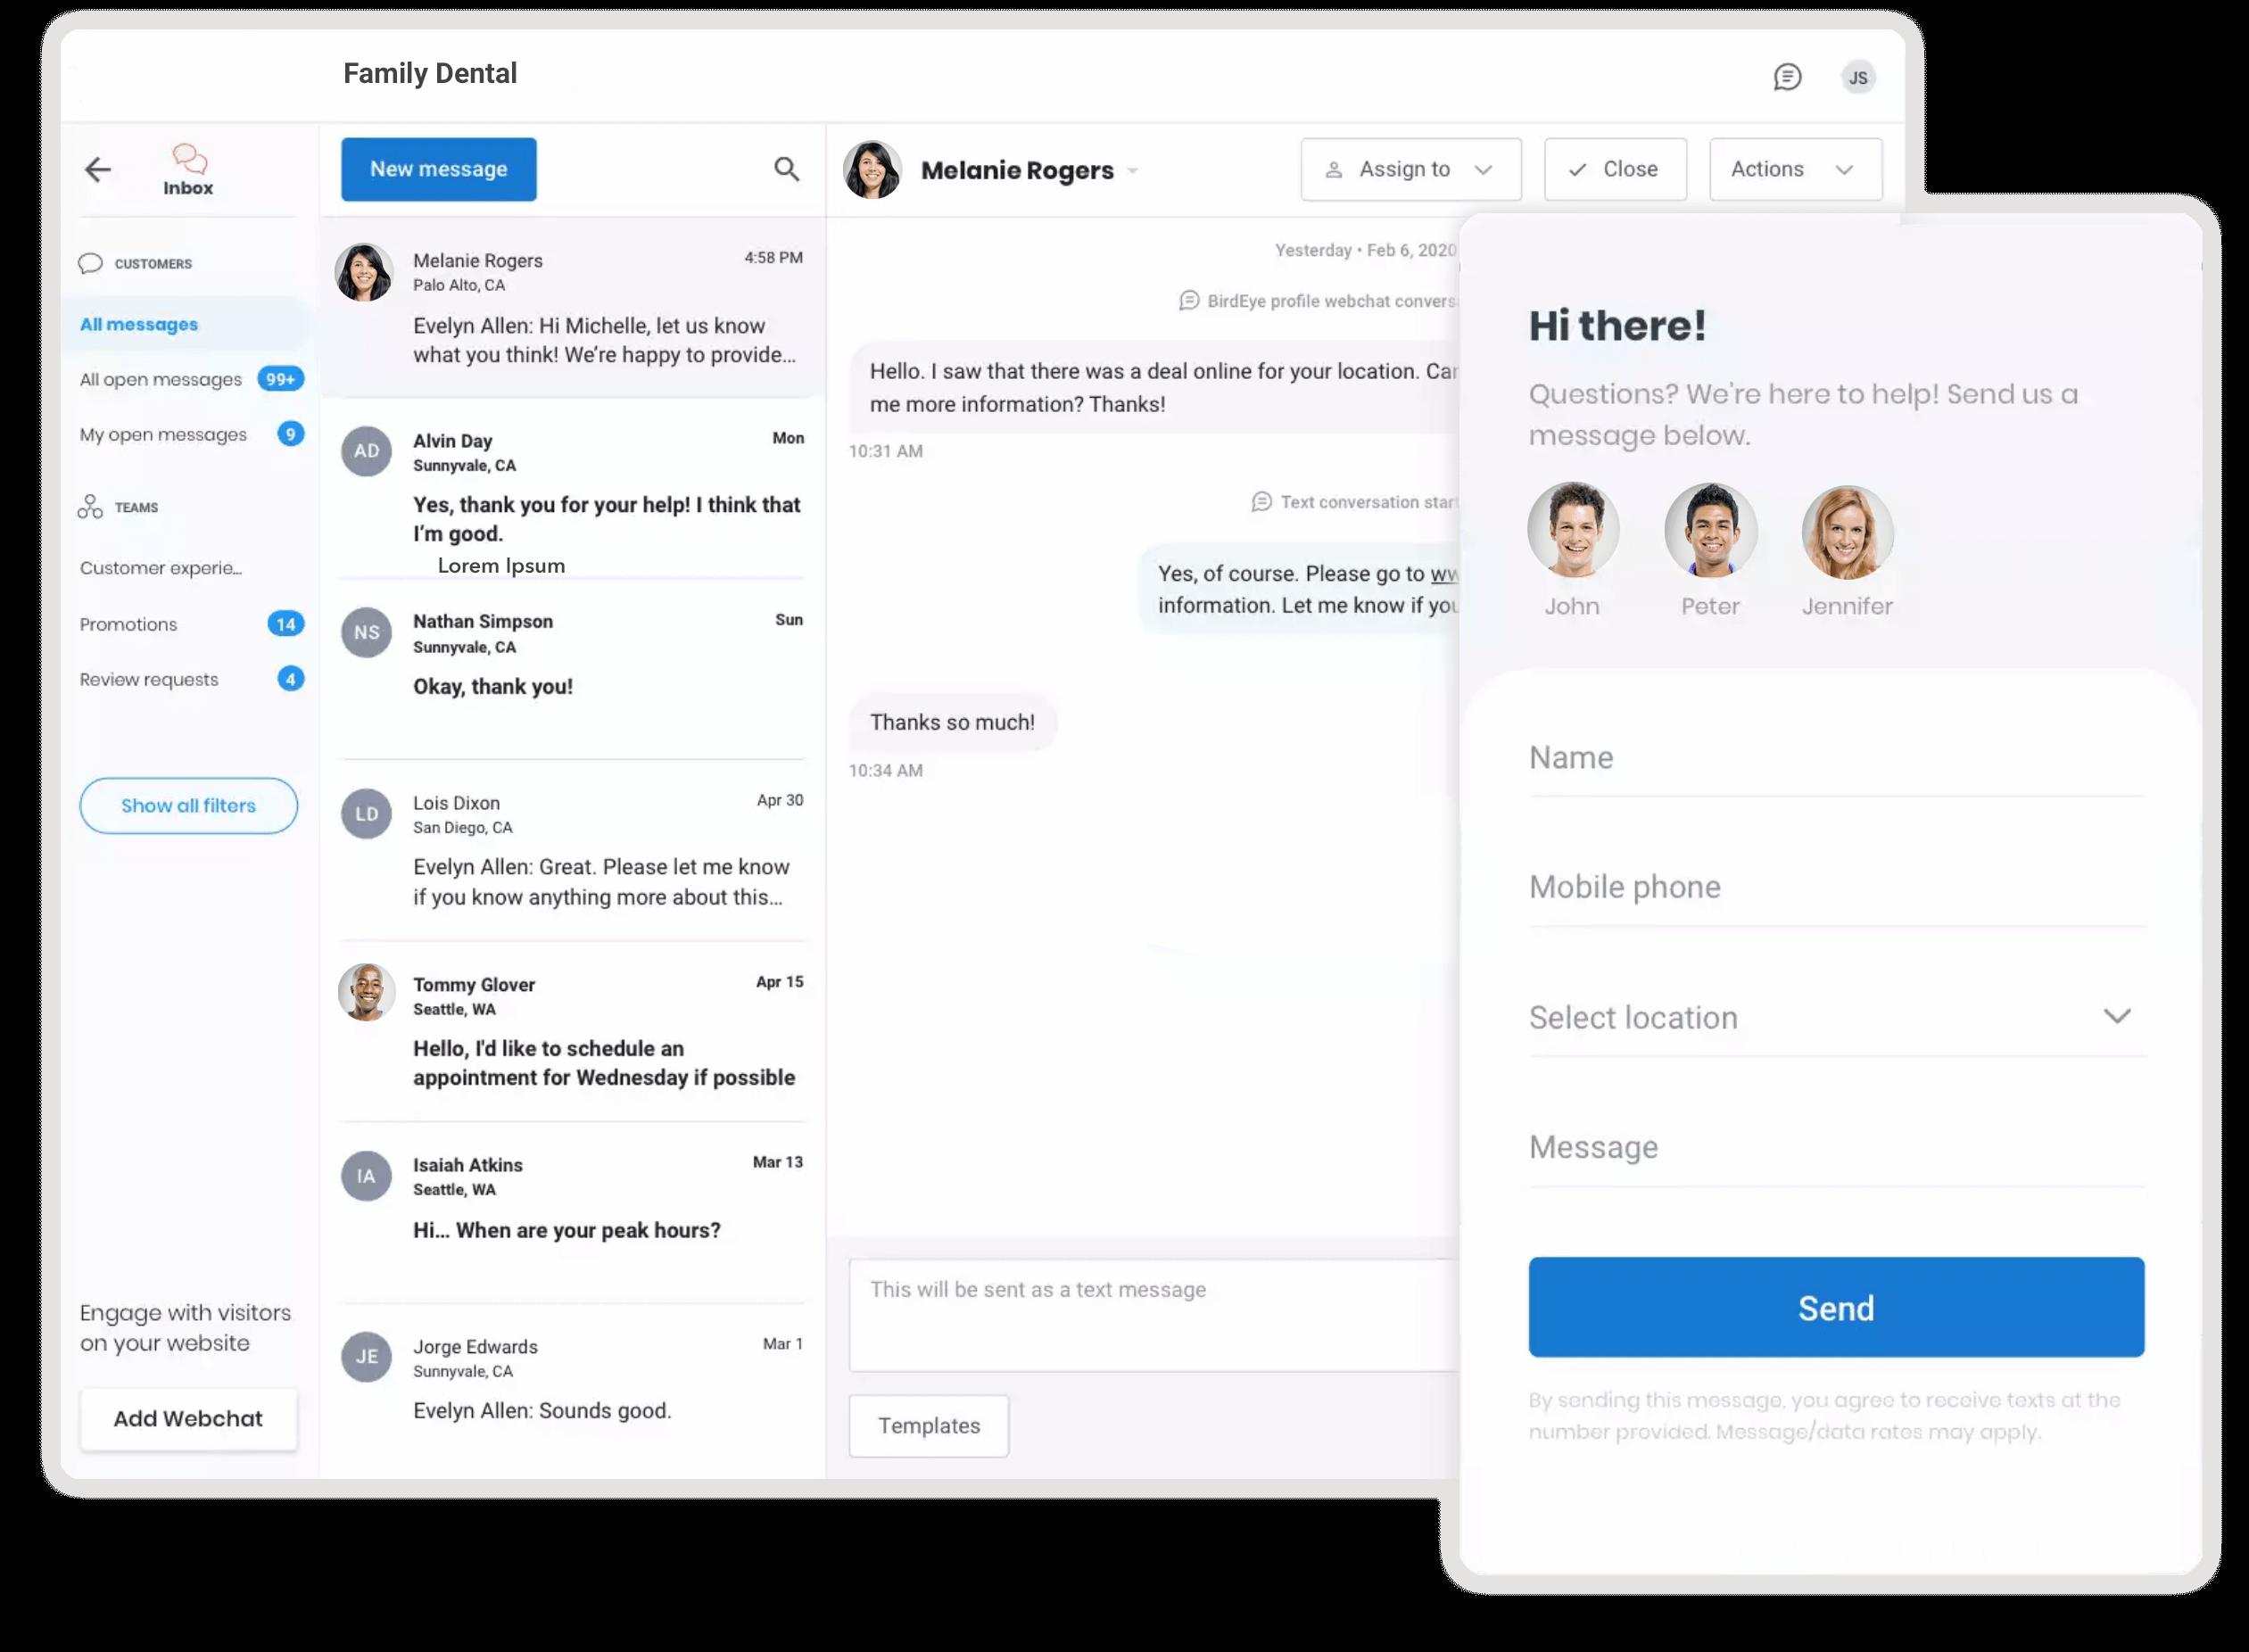 Dental patient engagement platform